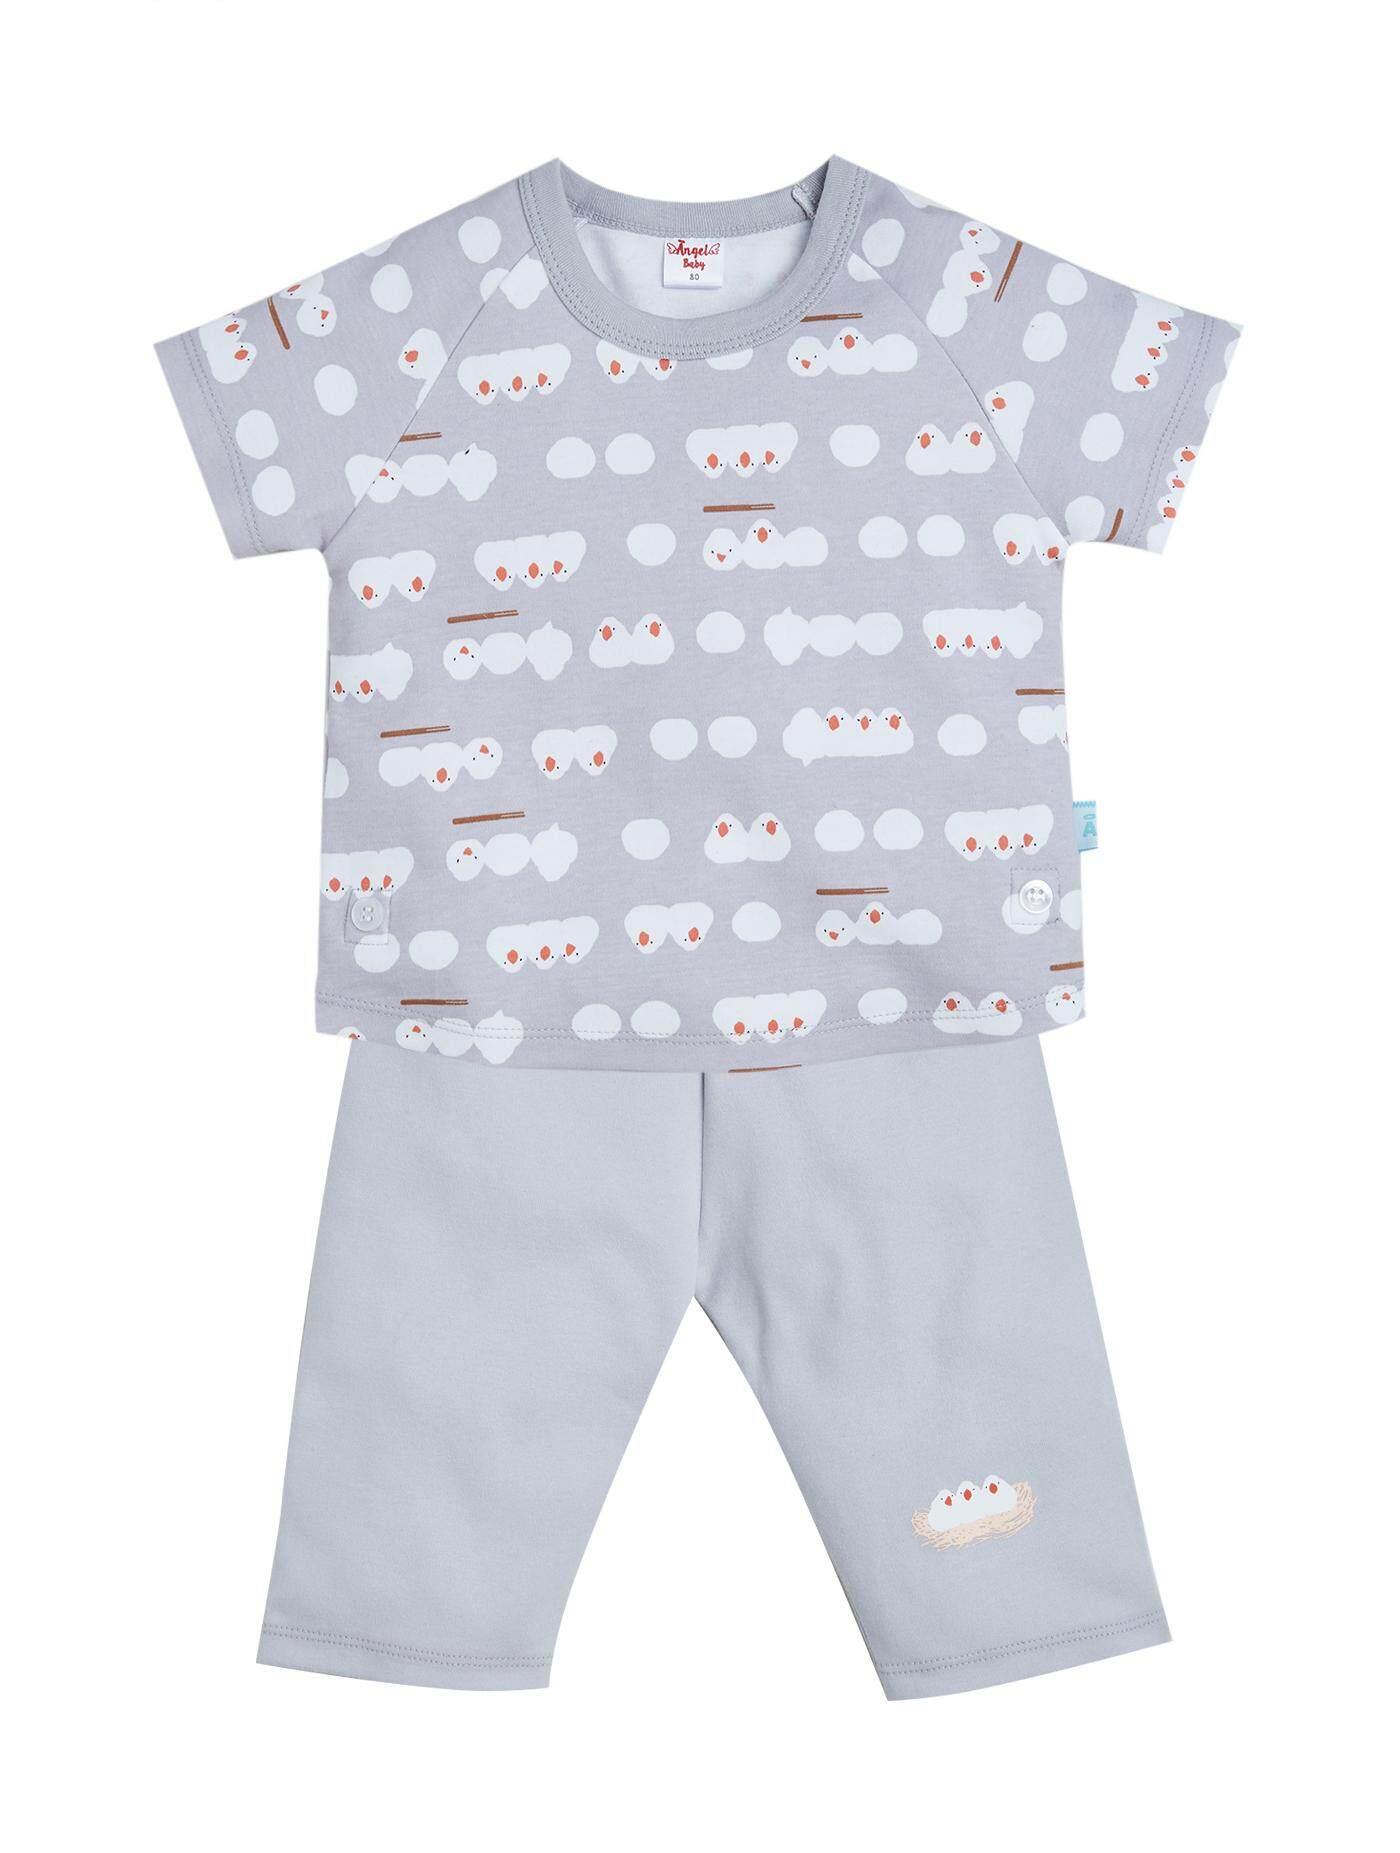 ชุดเสื้อแขนสั้น+กางเกงเด็กเล็ก สีเทา ไซส์ 95 โปรโมชั่น ราคาถูก